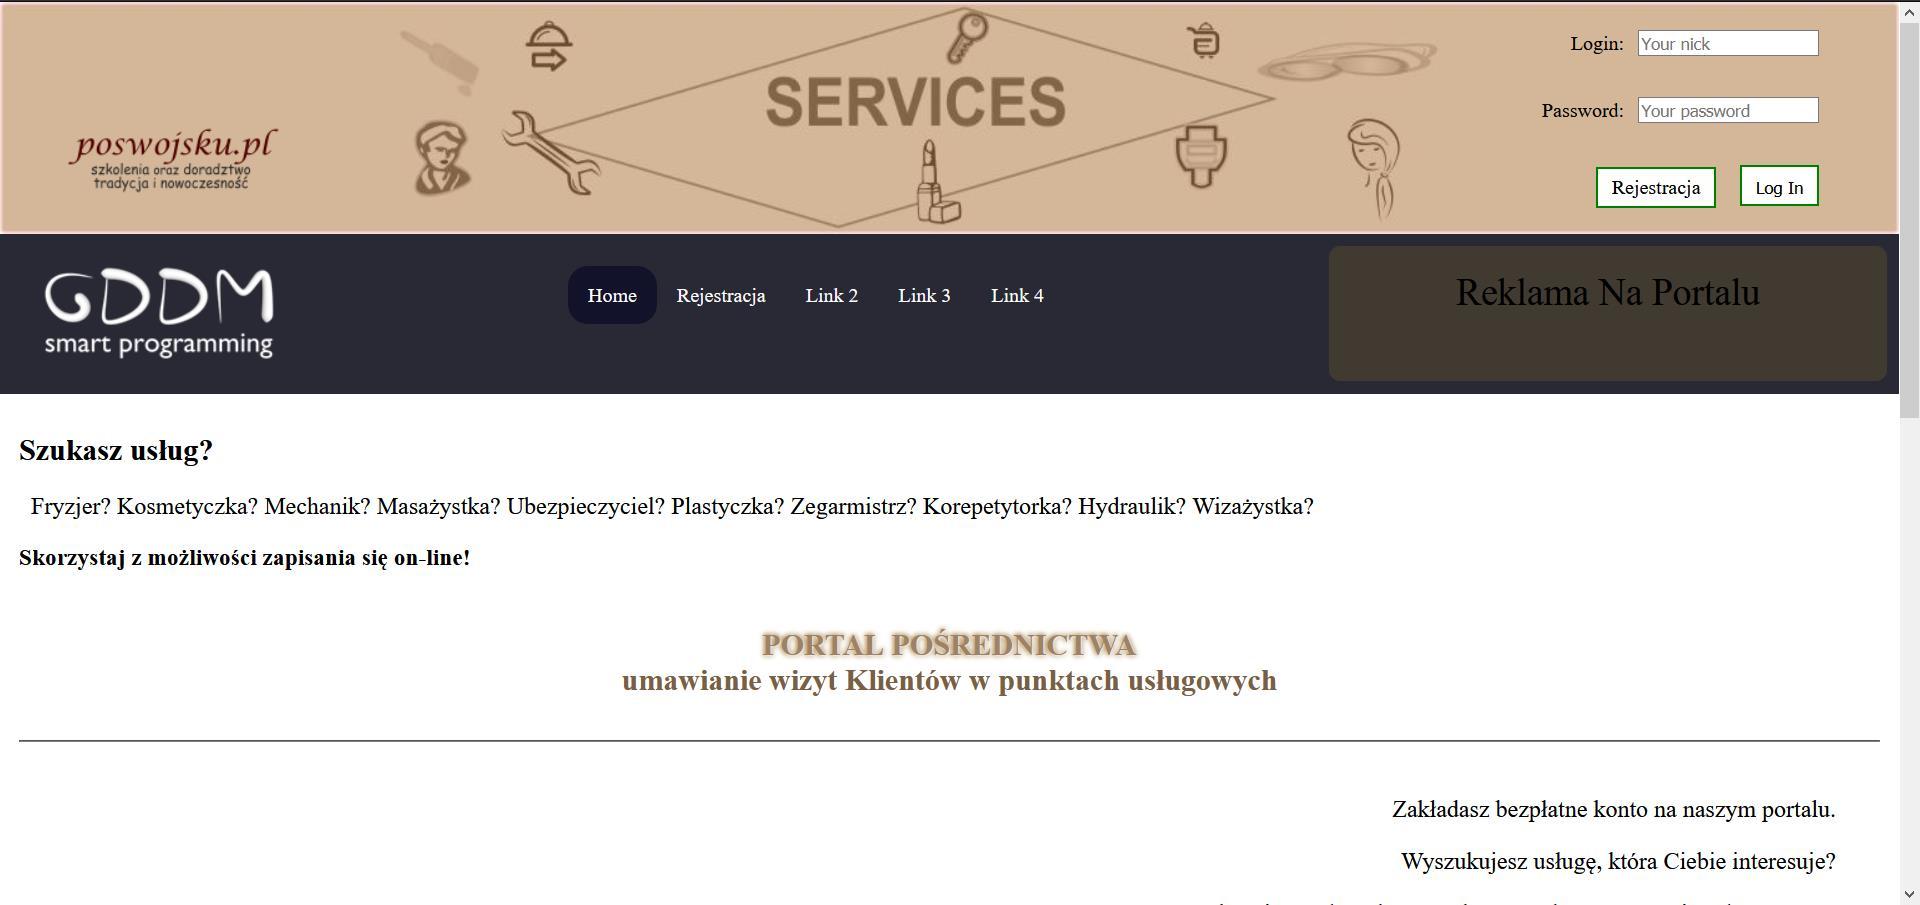 Portal pośrednictwa: umawianie wizyt Klientów w punktach usługowych